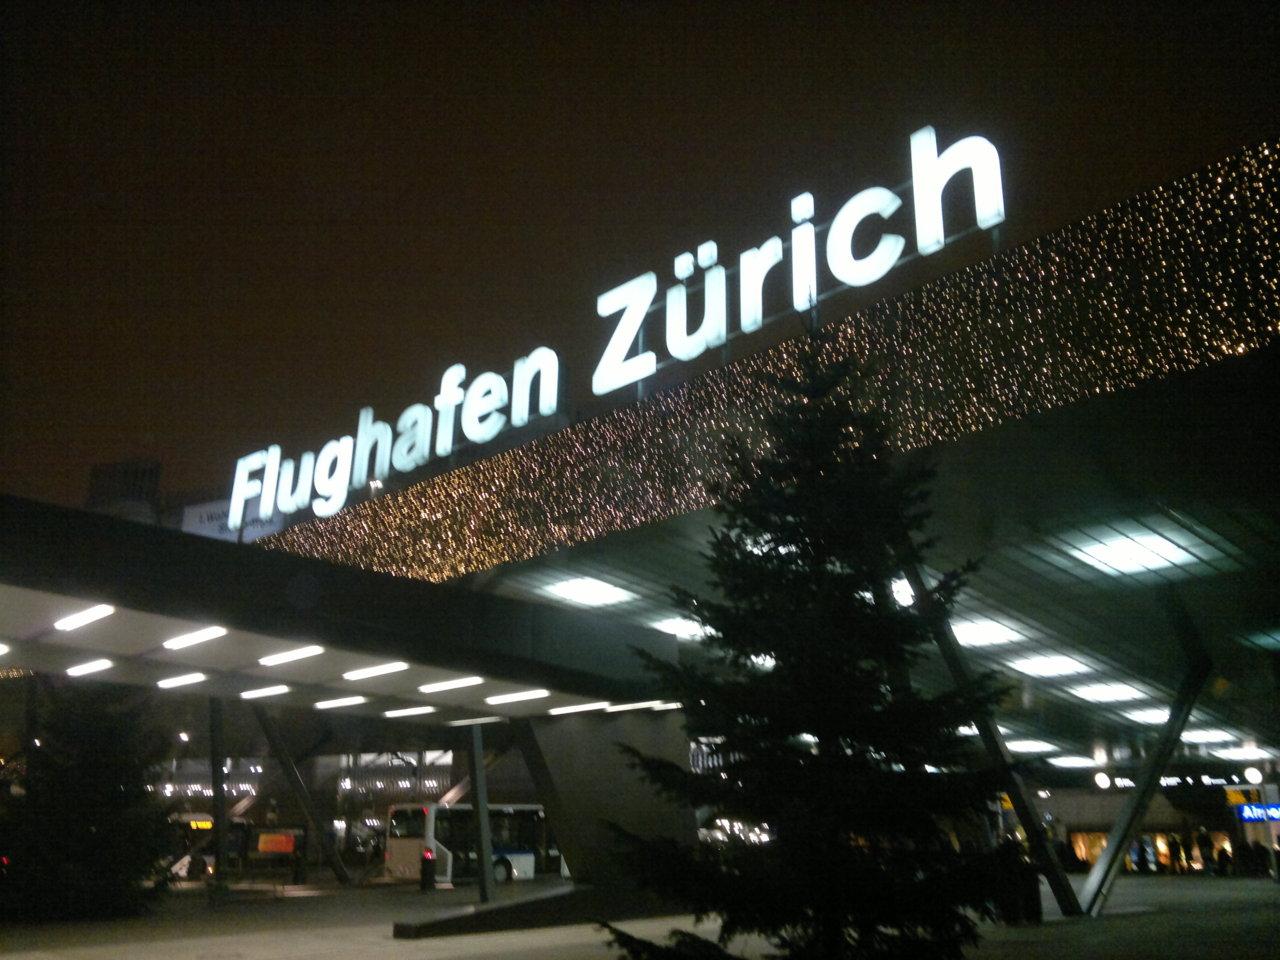 Flughafen Zürich weihnachtlich geschmückt